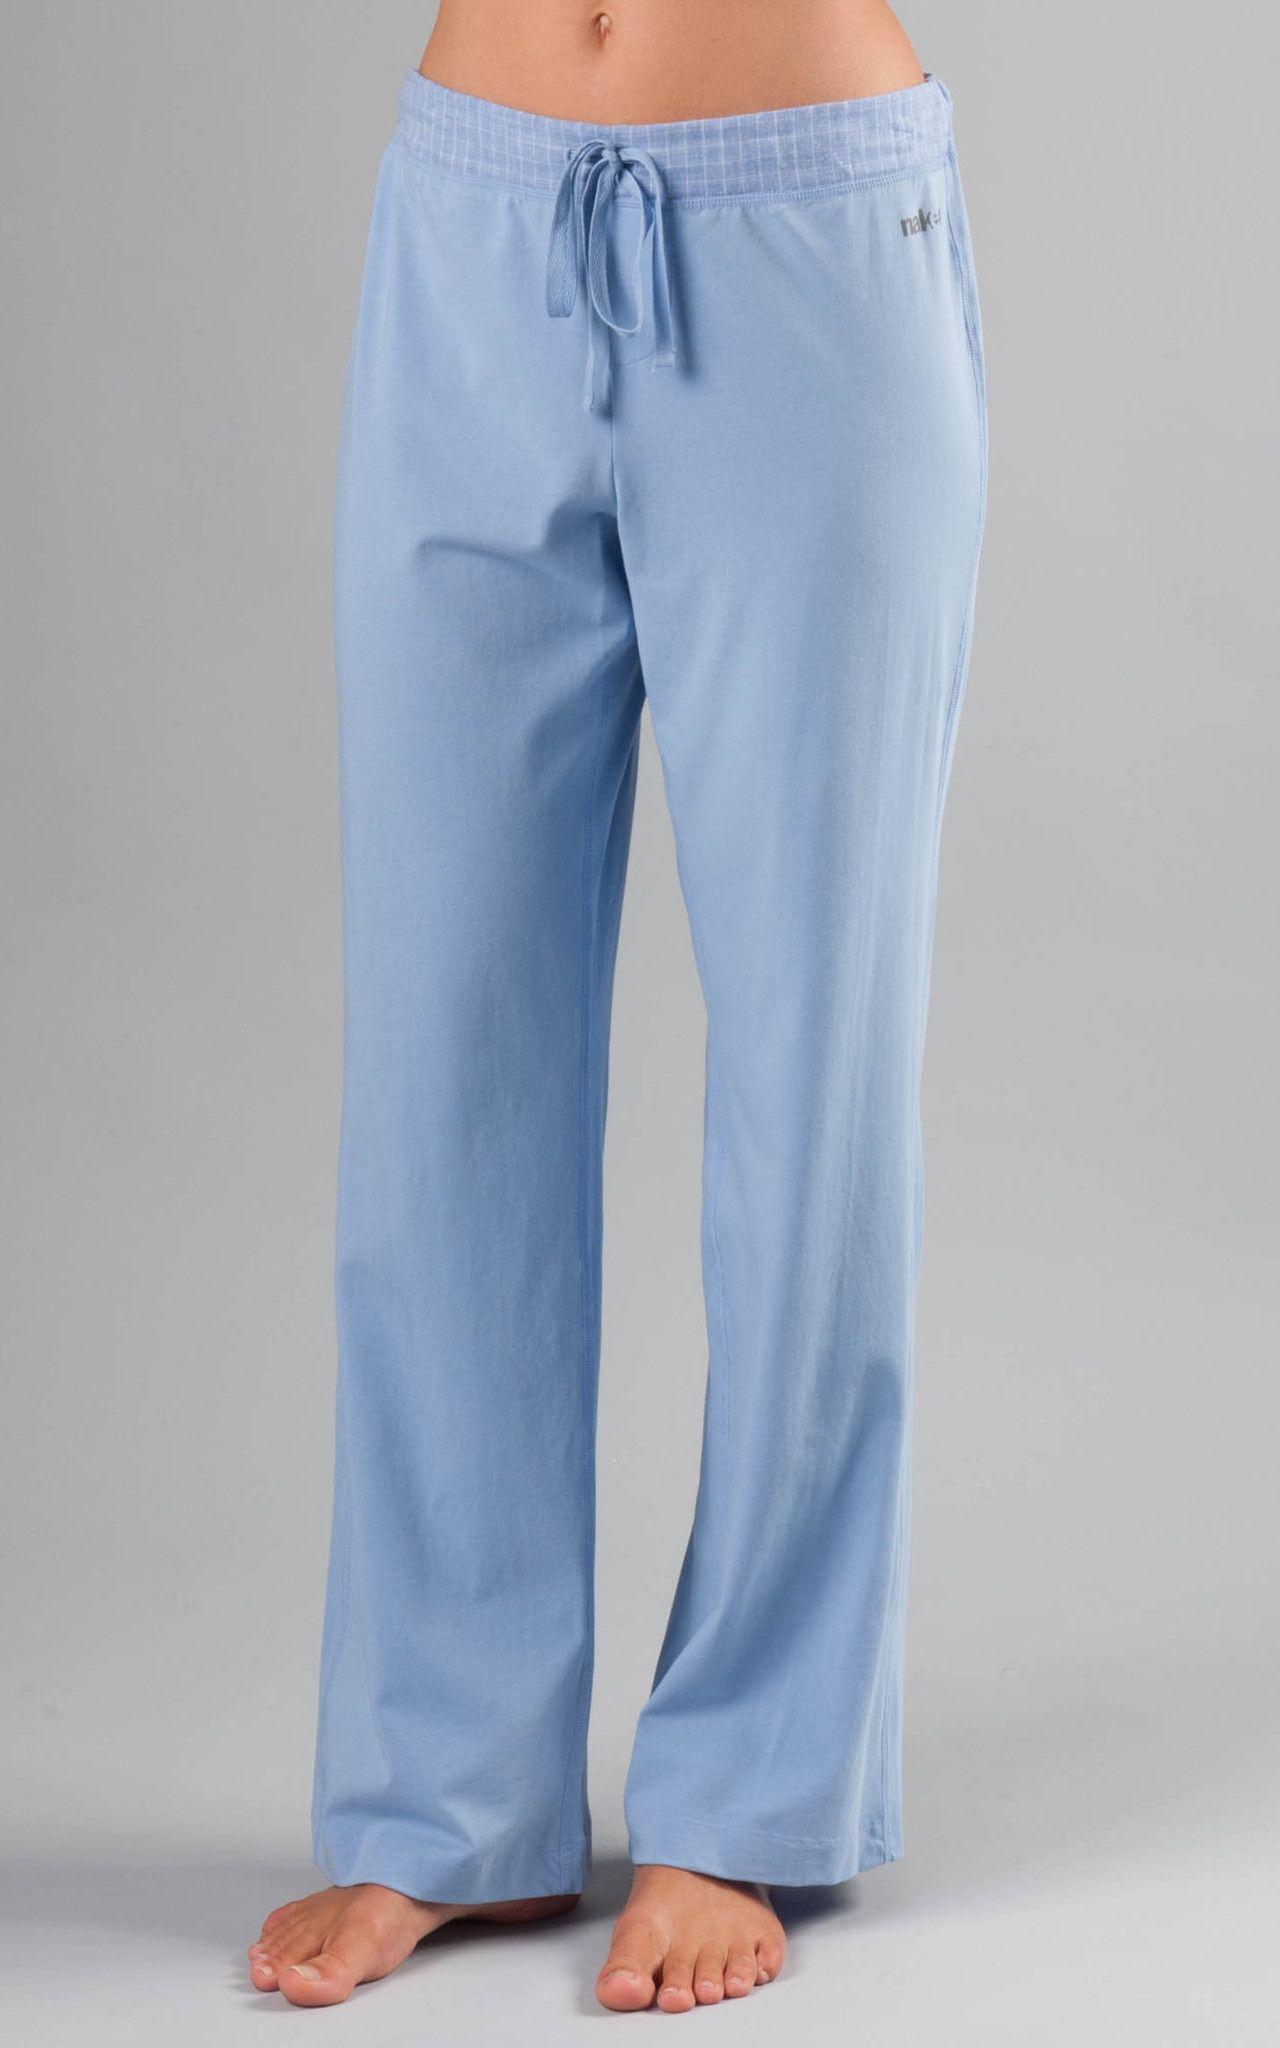 Essential Cotton Stretch & Double Gauze Lounge Pants